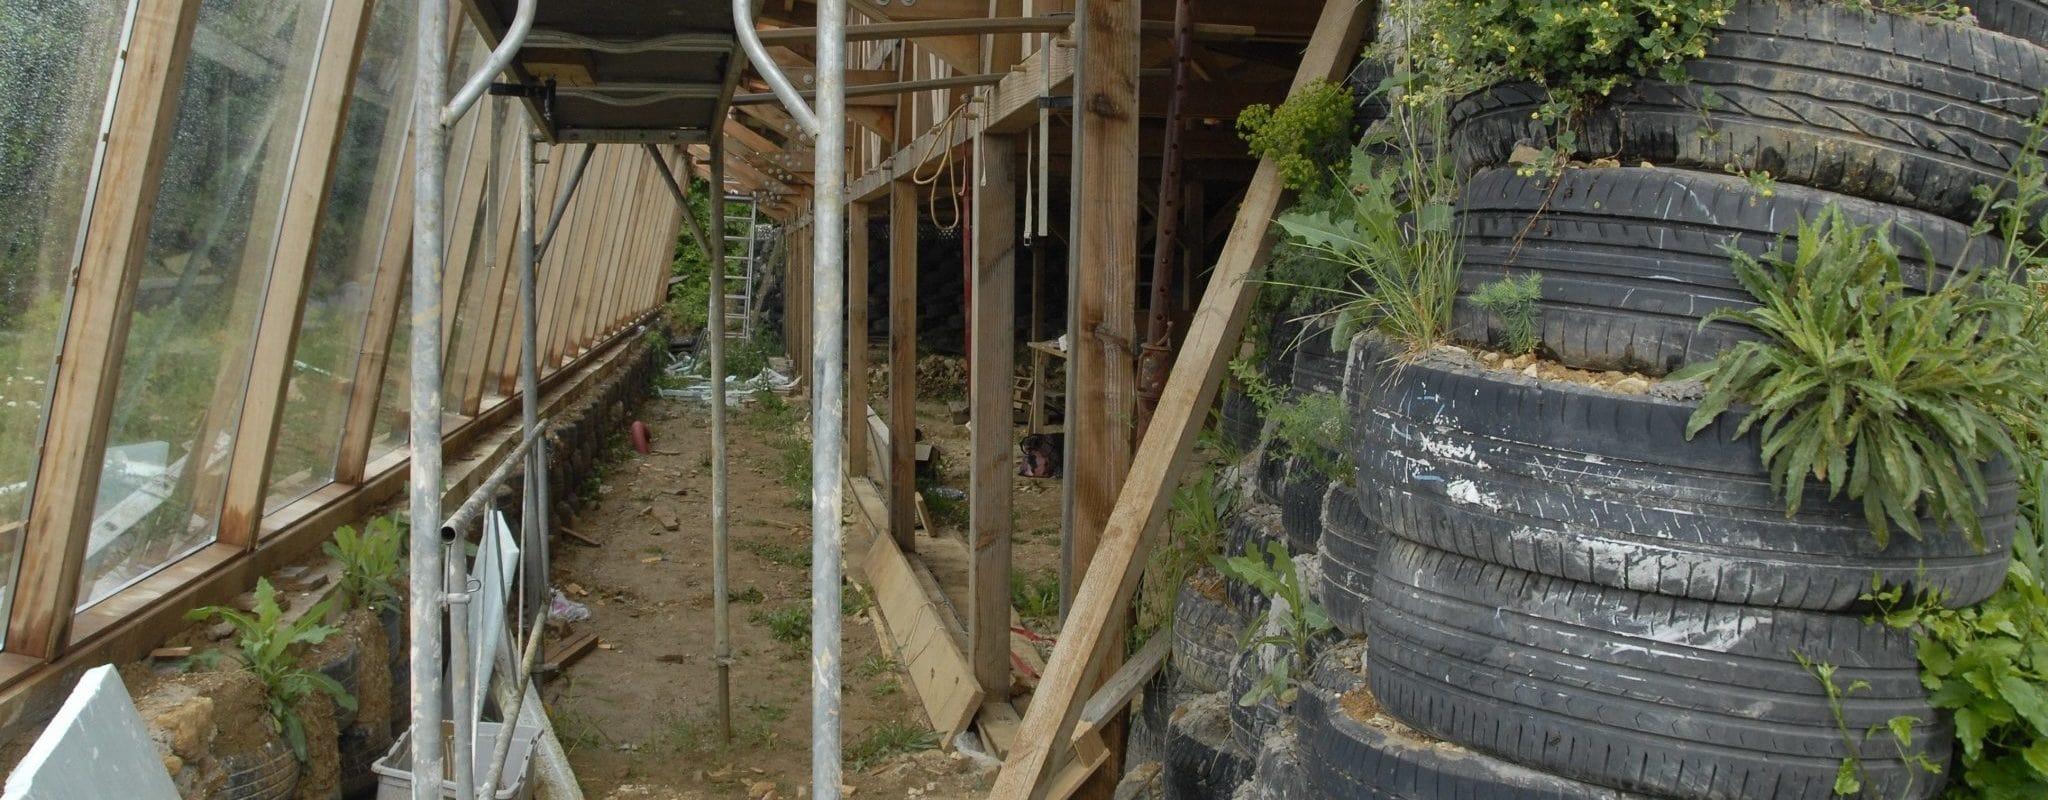 À Lembach, Paulo construit sa maison lui-même… avec des pneus